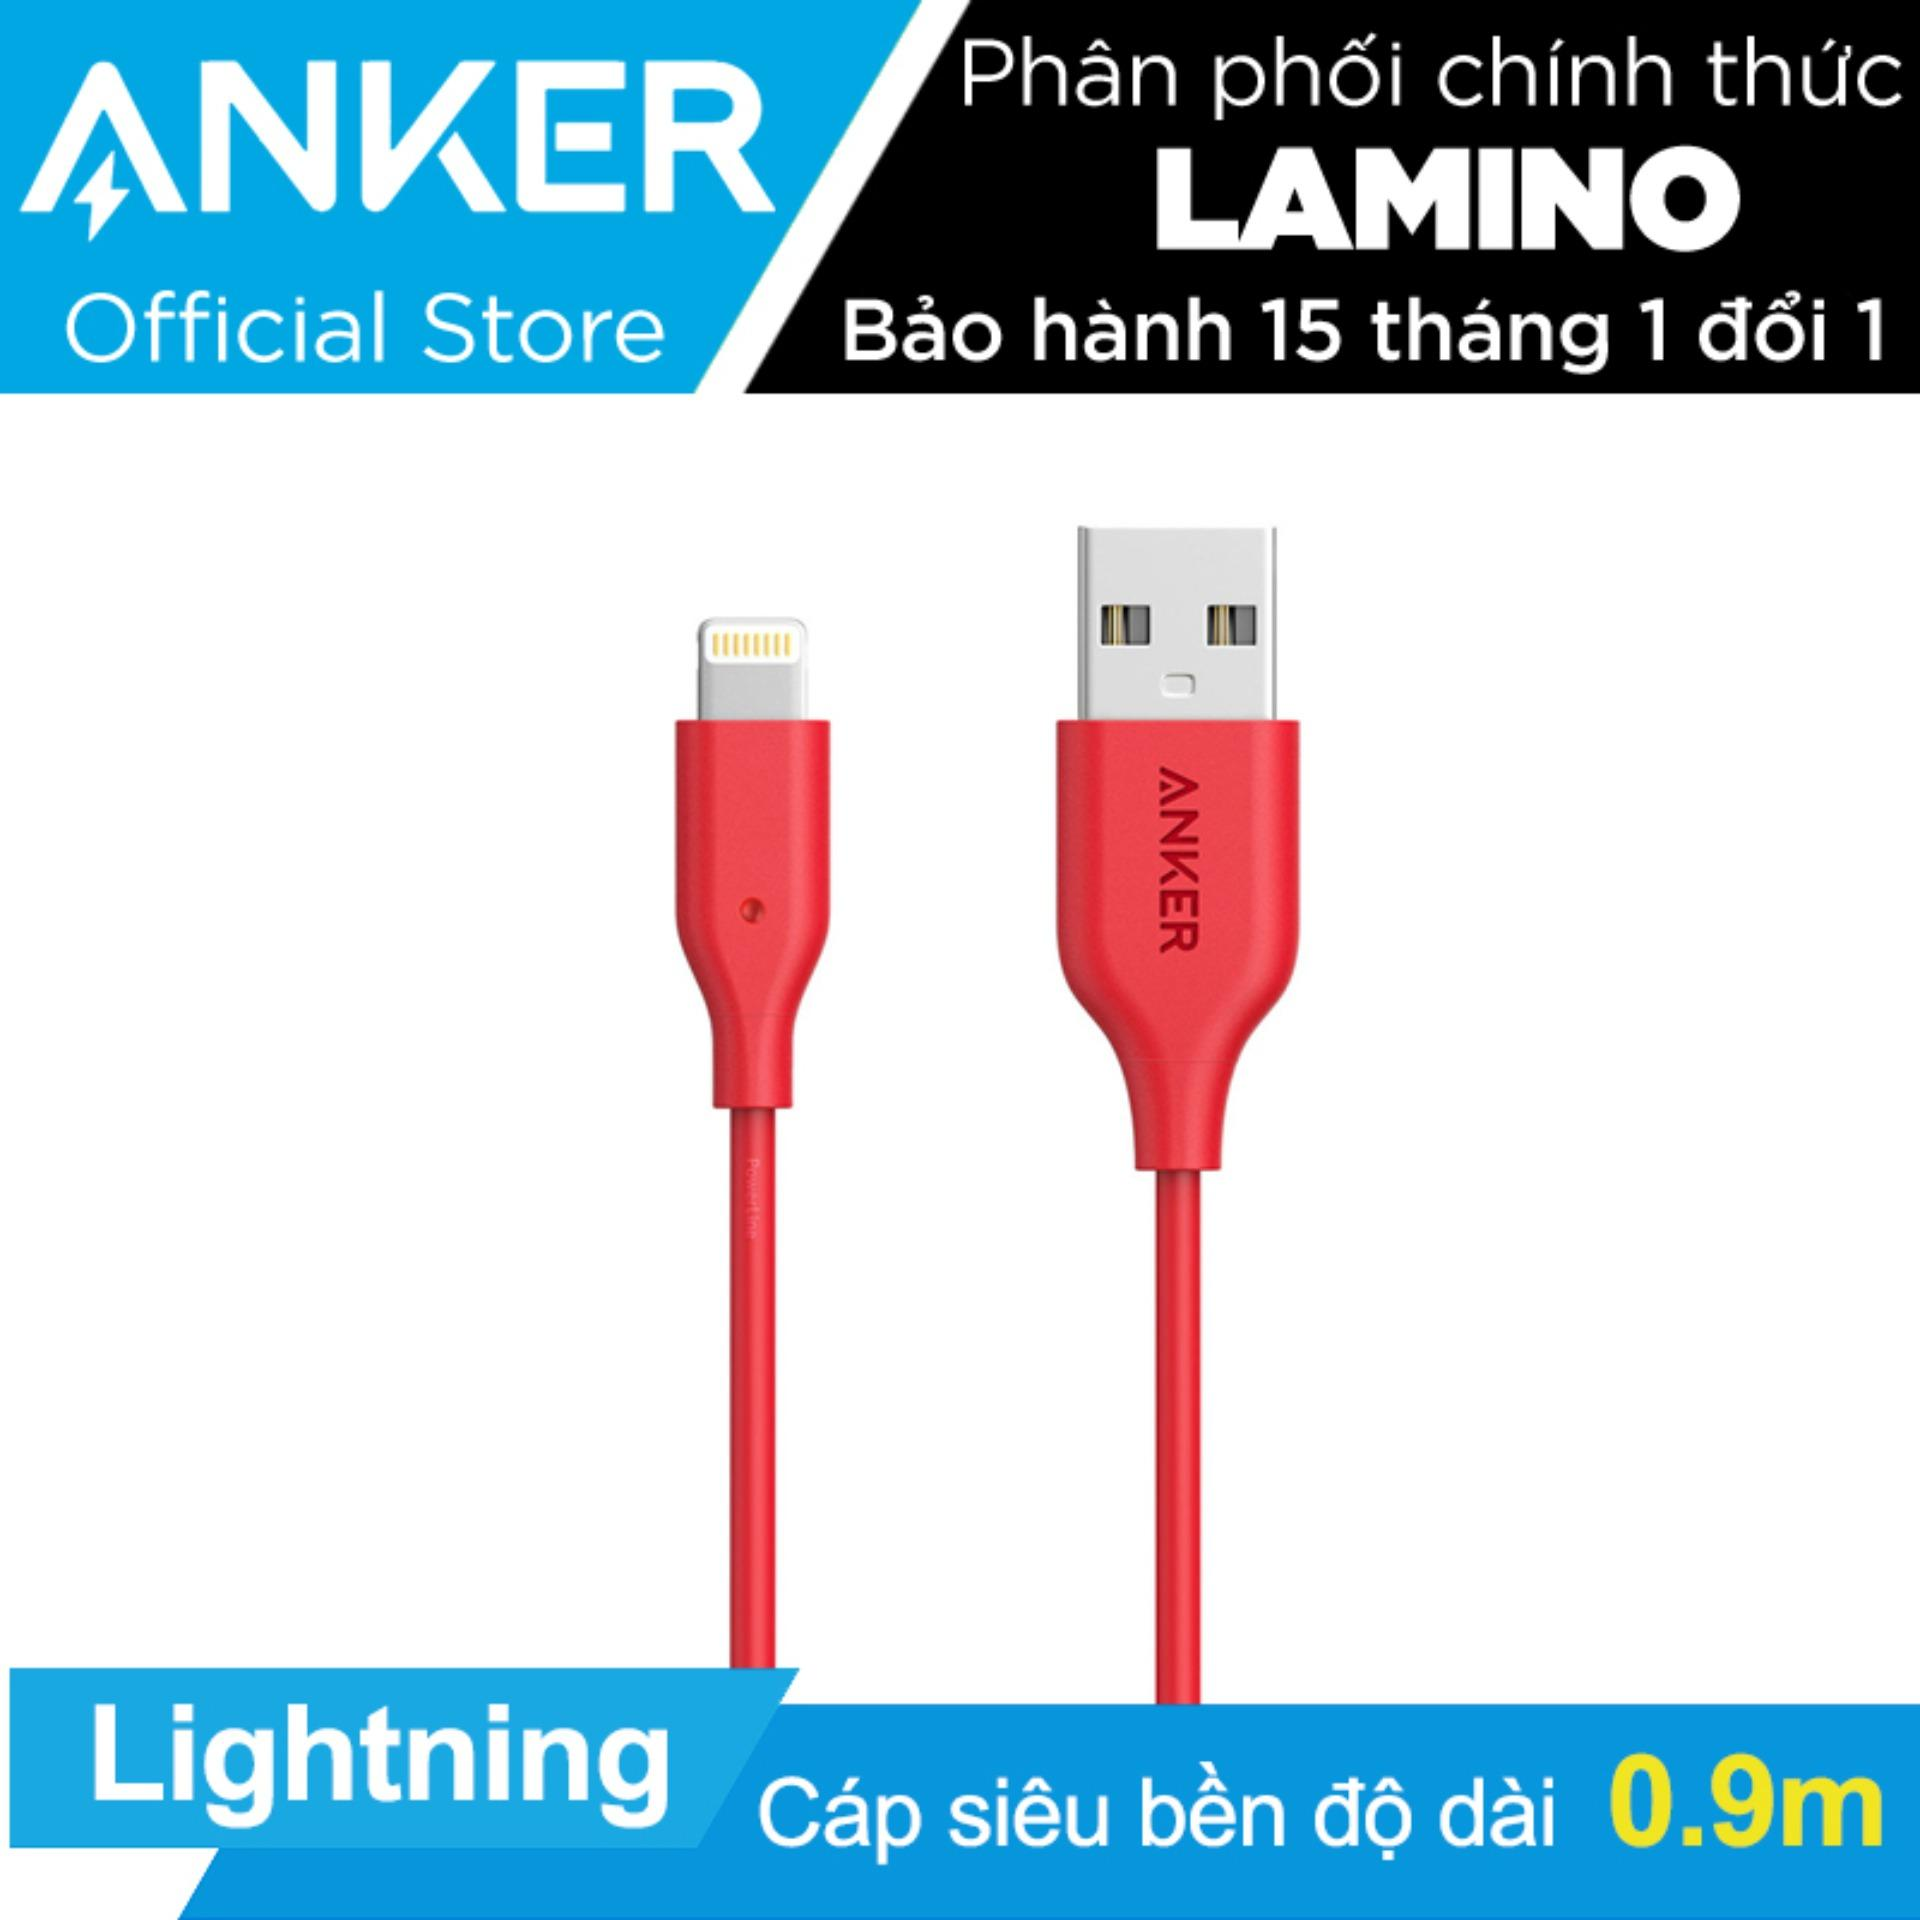 Giá Bán Cap Sạc Sieu Bền Anker Powerline Lightning 9M Cho Iphone Ipad Ipod Đỏ Hang Phan Phối Chinh Thức Anker Nguyên